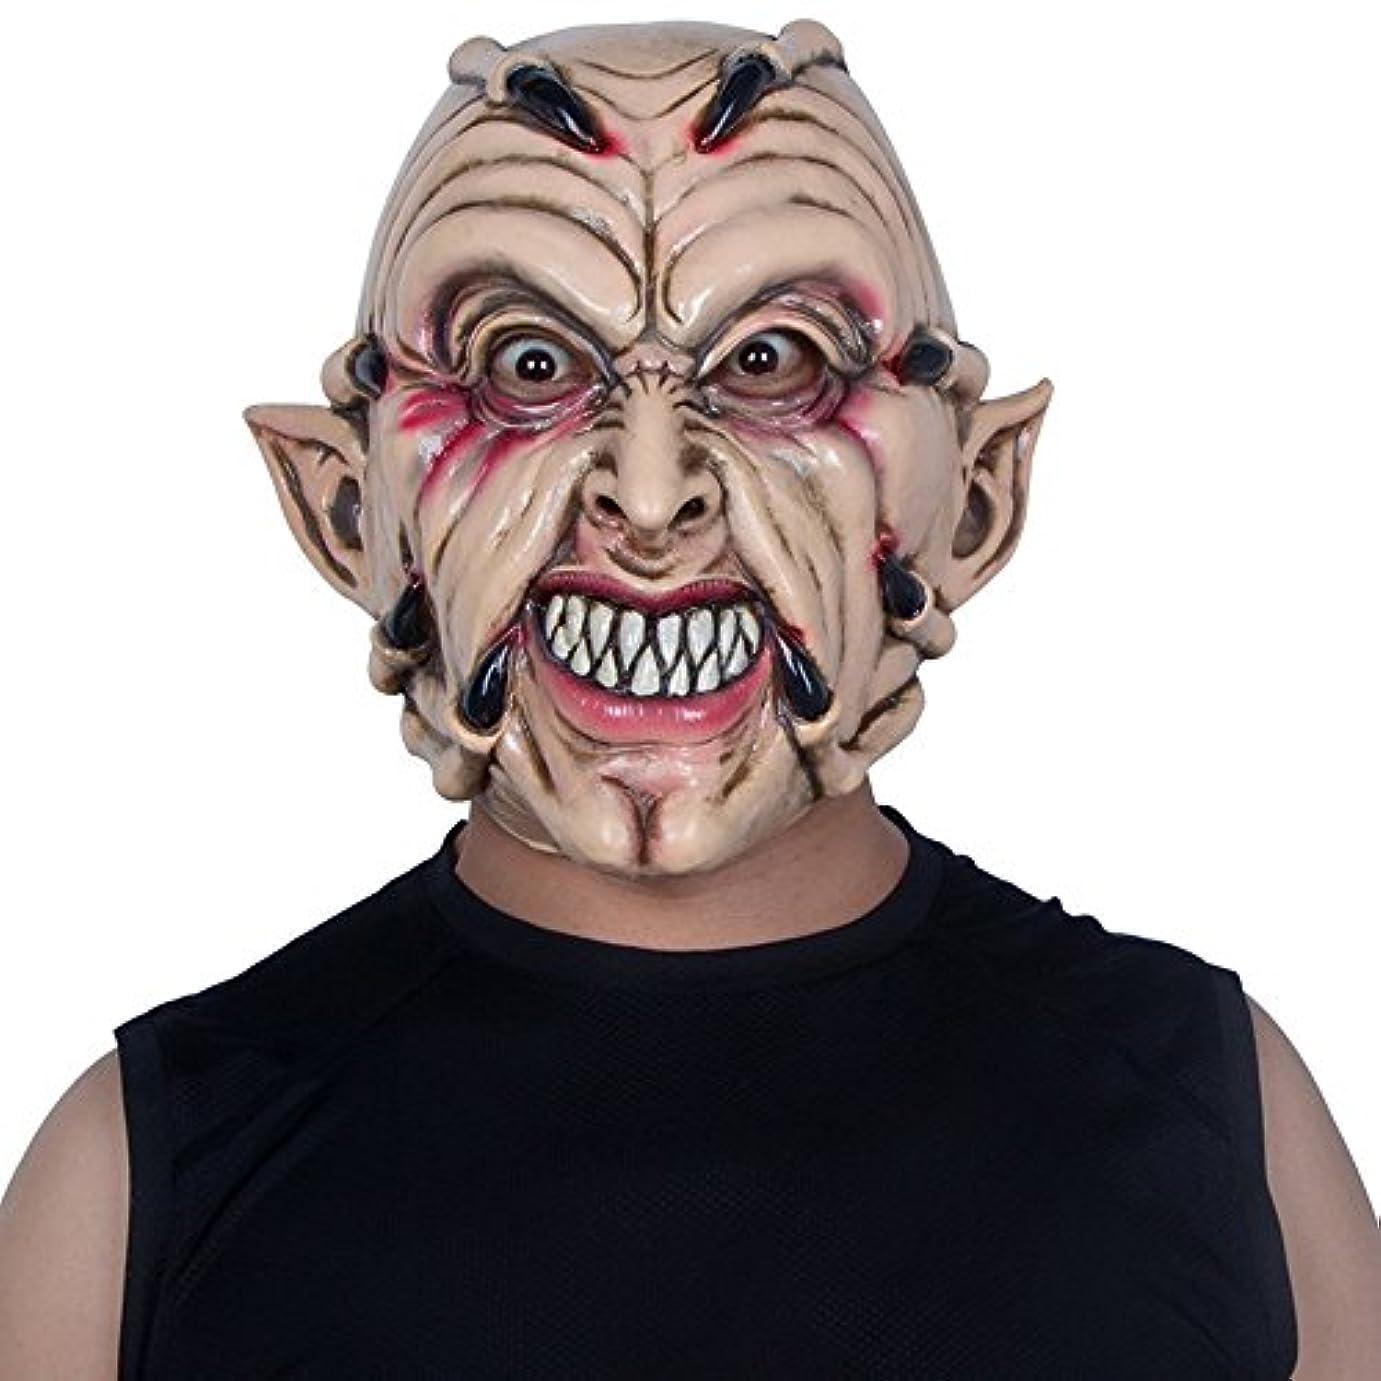 どきどきリネン看板ハロウィンマスクホラー大人の男性フルフェイスラテックスフードデビルゴーストクローダンスパーティー整頓怖い小道具